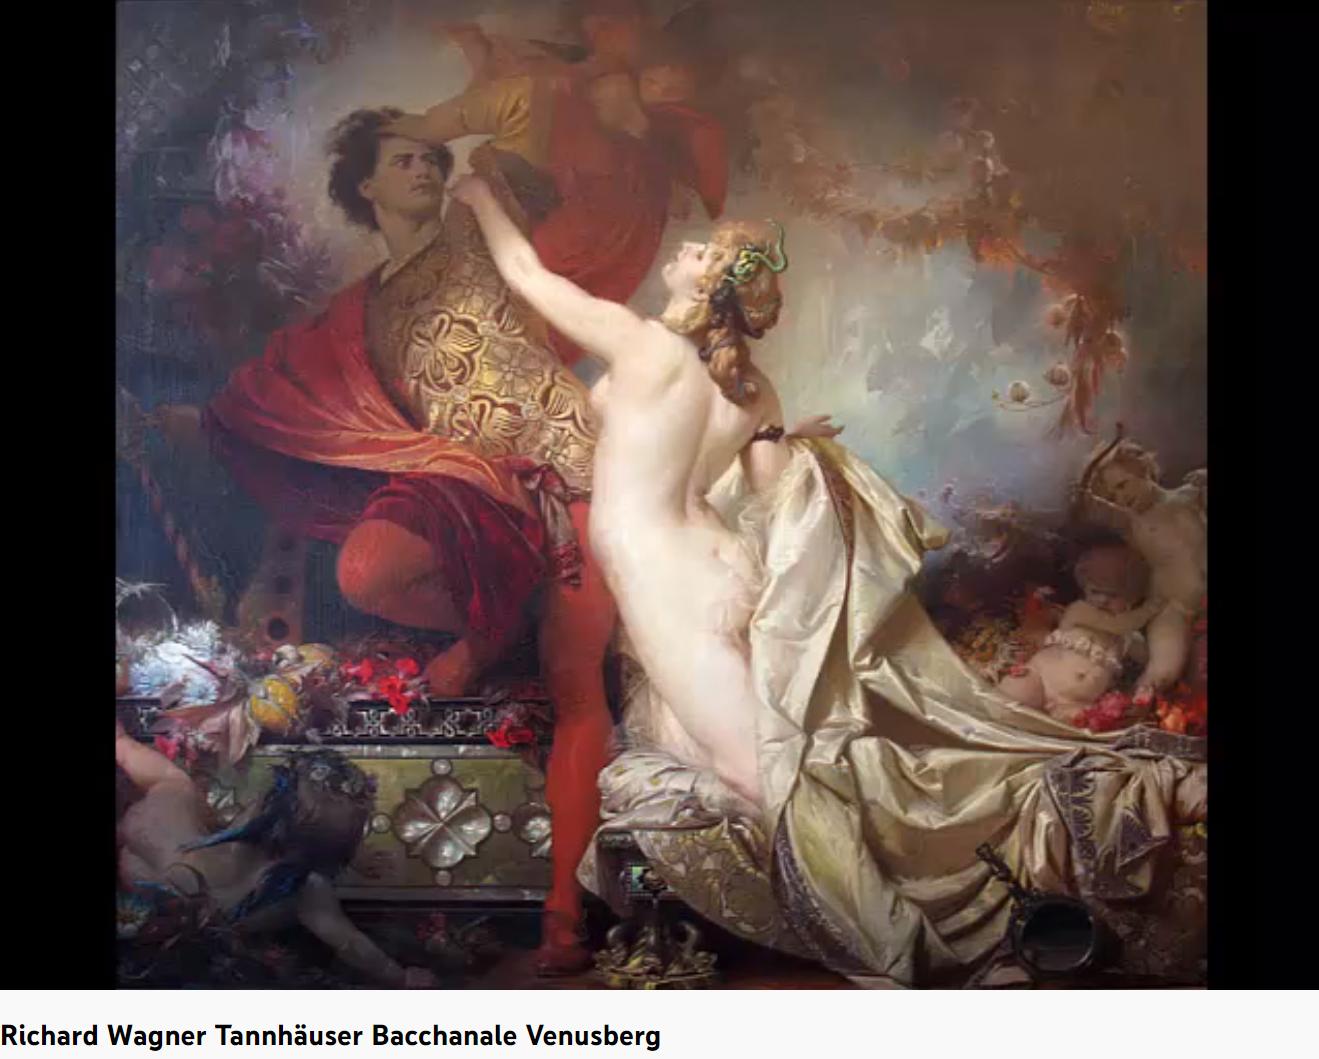 Wagner Tannhäuser Bacchanale